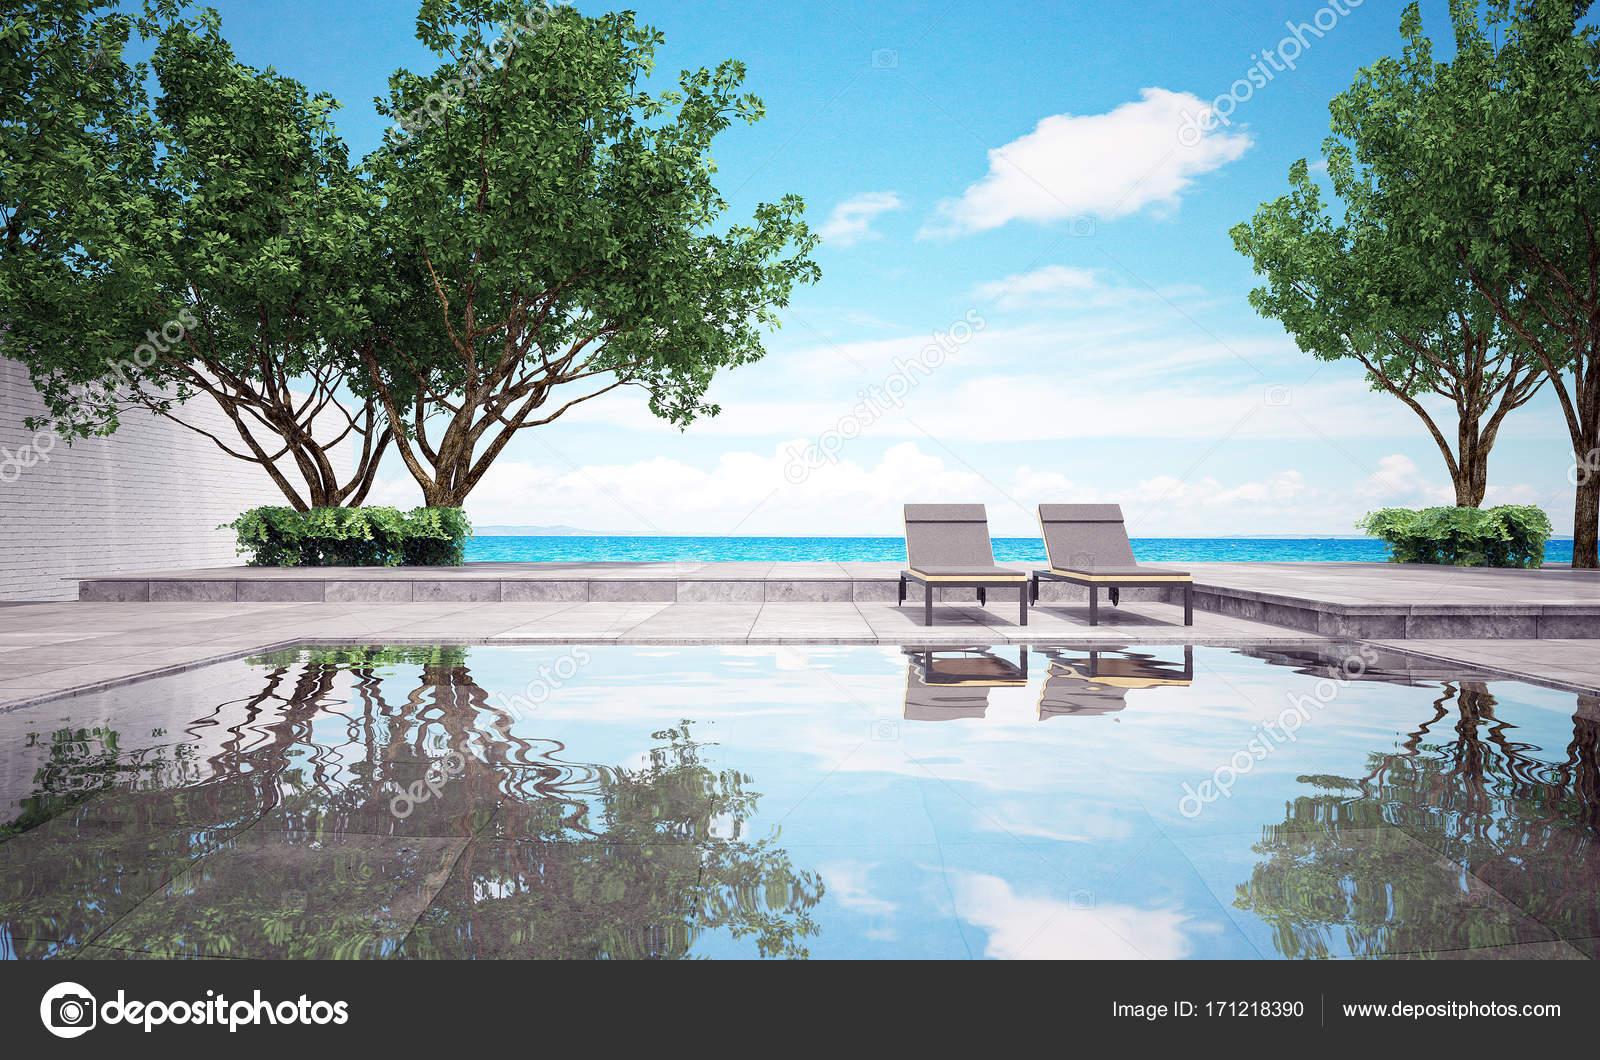 Die Inneneinrichtung der Beach Lounge und Liege und Blick aufs Meer ...